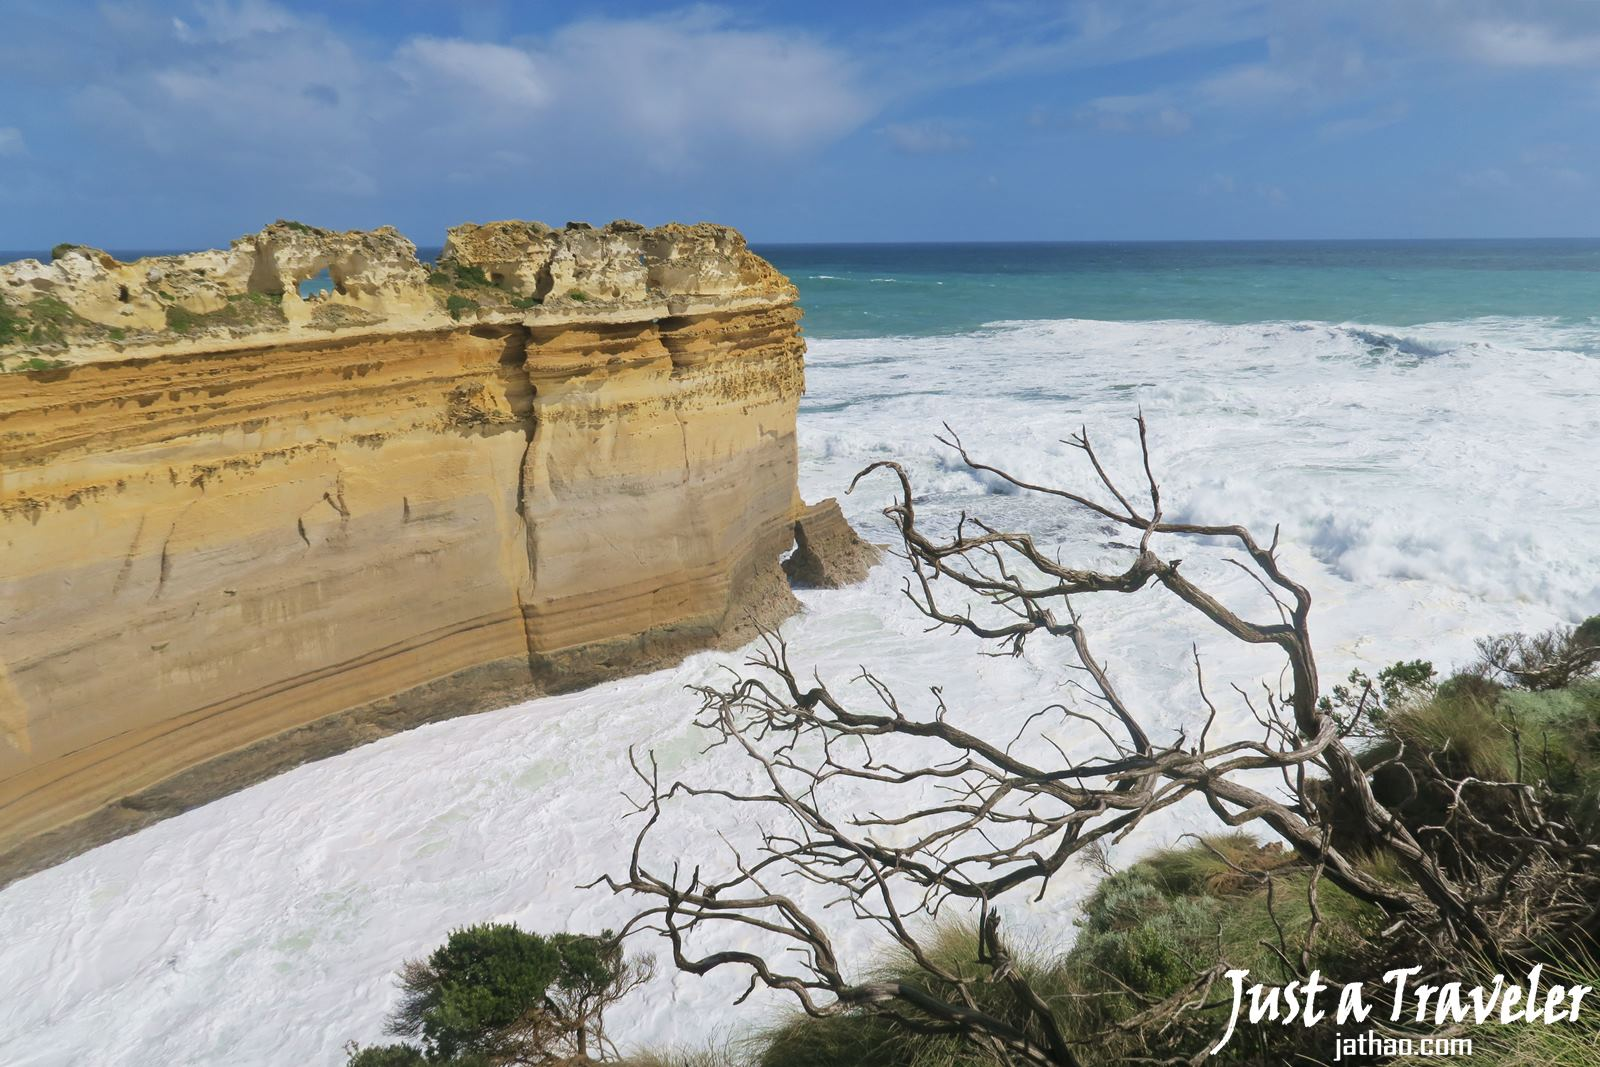 墨爾本-大洋路-景點-阿德湖峽-Loch-Ard-Gorge-推薦-一日遊-二日遊-自由行-行程-旅遊-跟團-交通-自駕-住宿-澳洲-Melbourne-Great-Ocean-Road-Travel-Tour-Australia